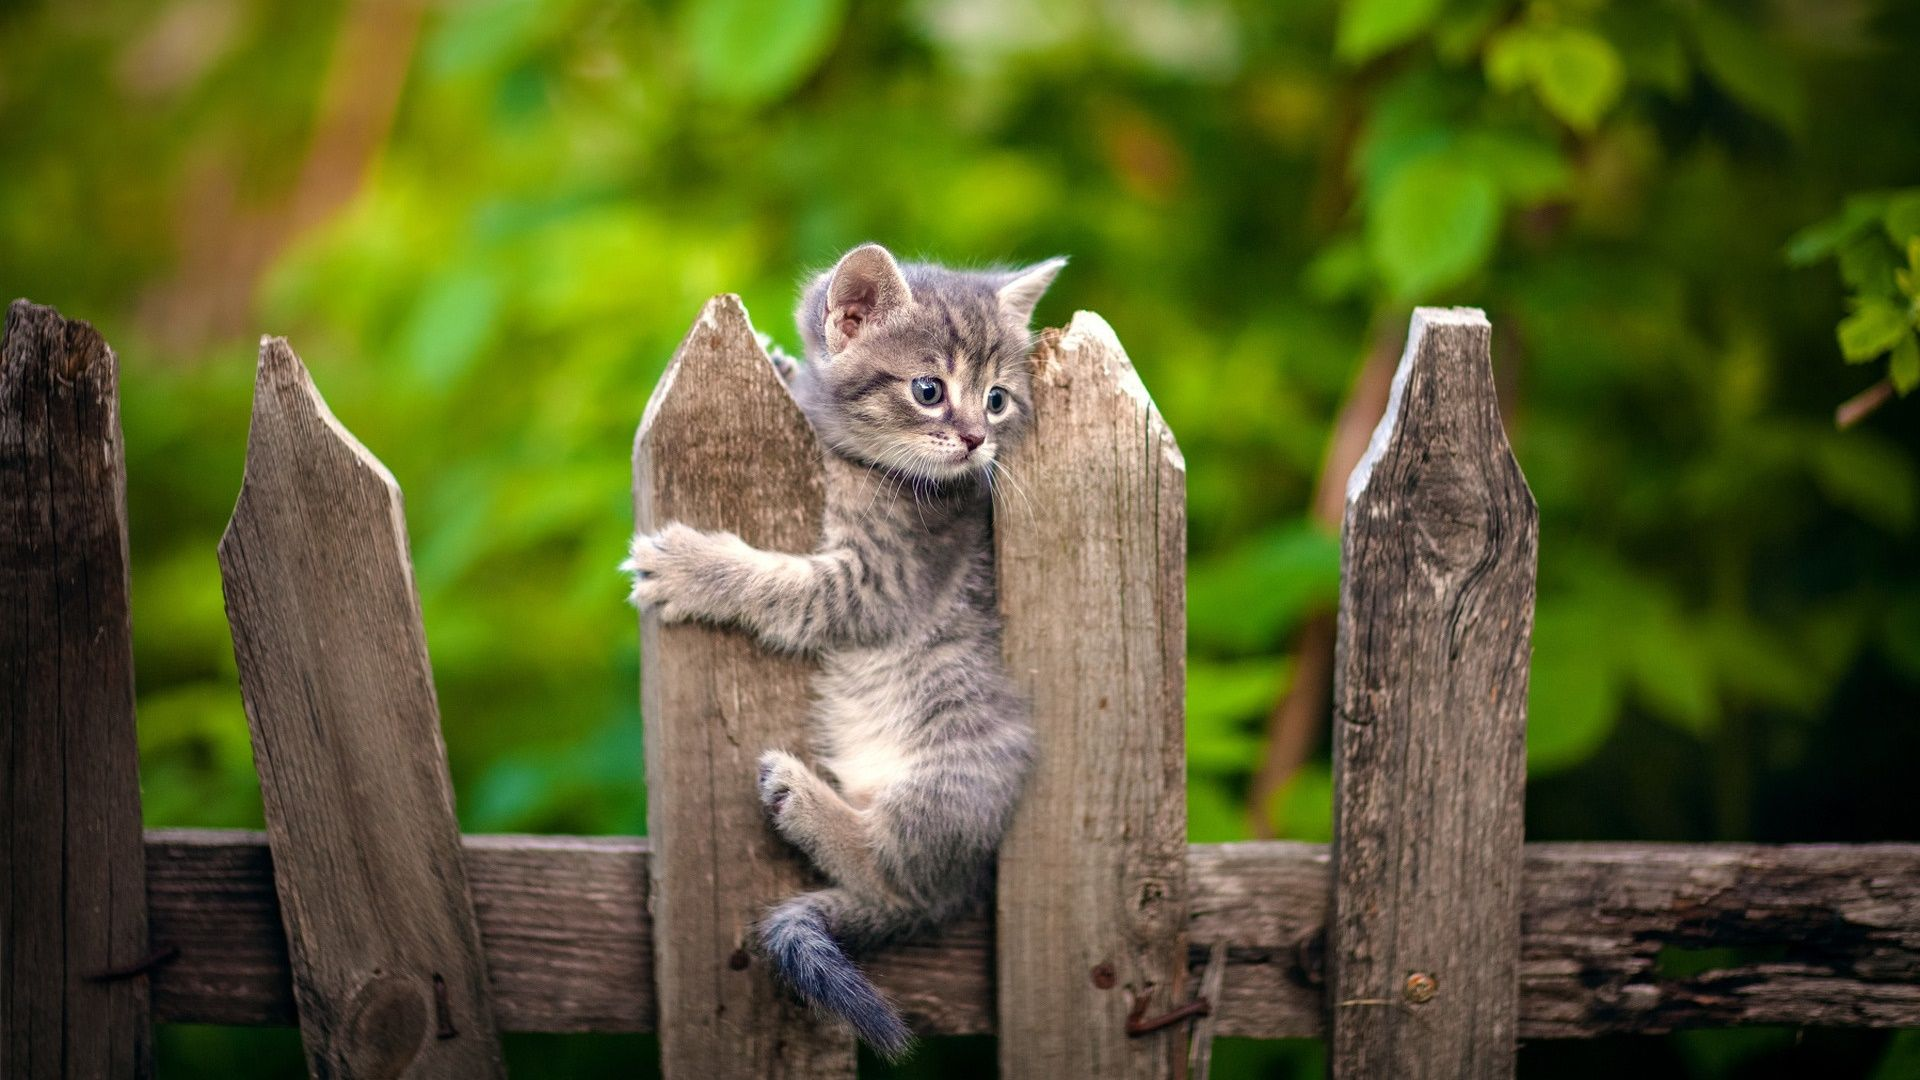 8 Mignons Chatons 8 Cute Kittens Voyage Onirique En 2020 Chaton Gris Animaux Les Plus Mignons Animales